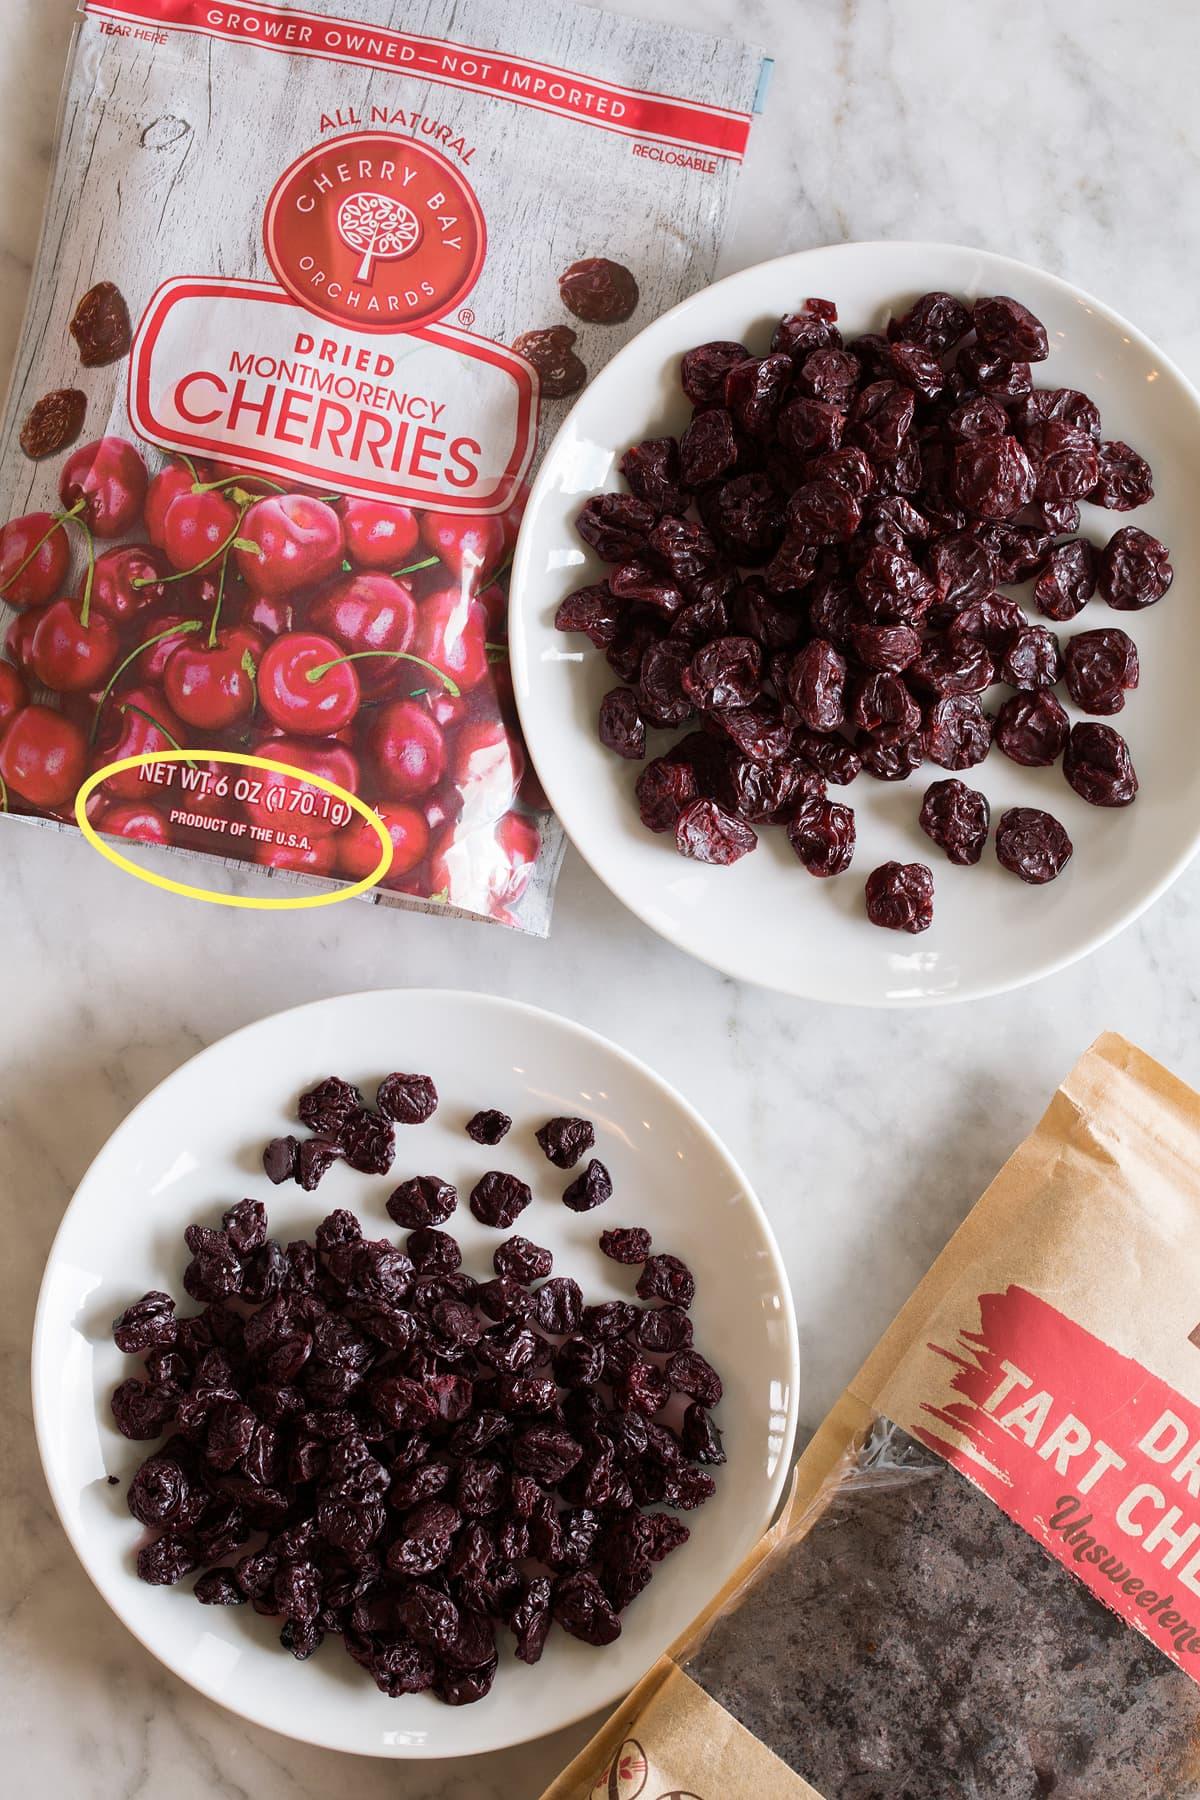 Dried cherry comparison photo U.S. local vs. imported.